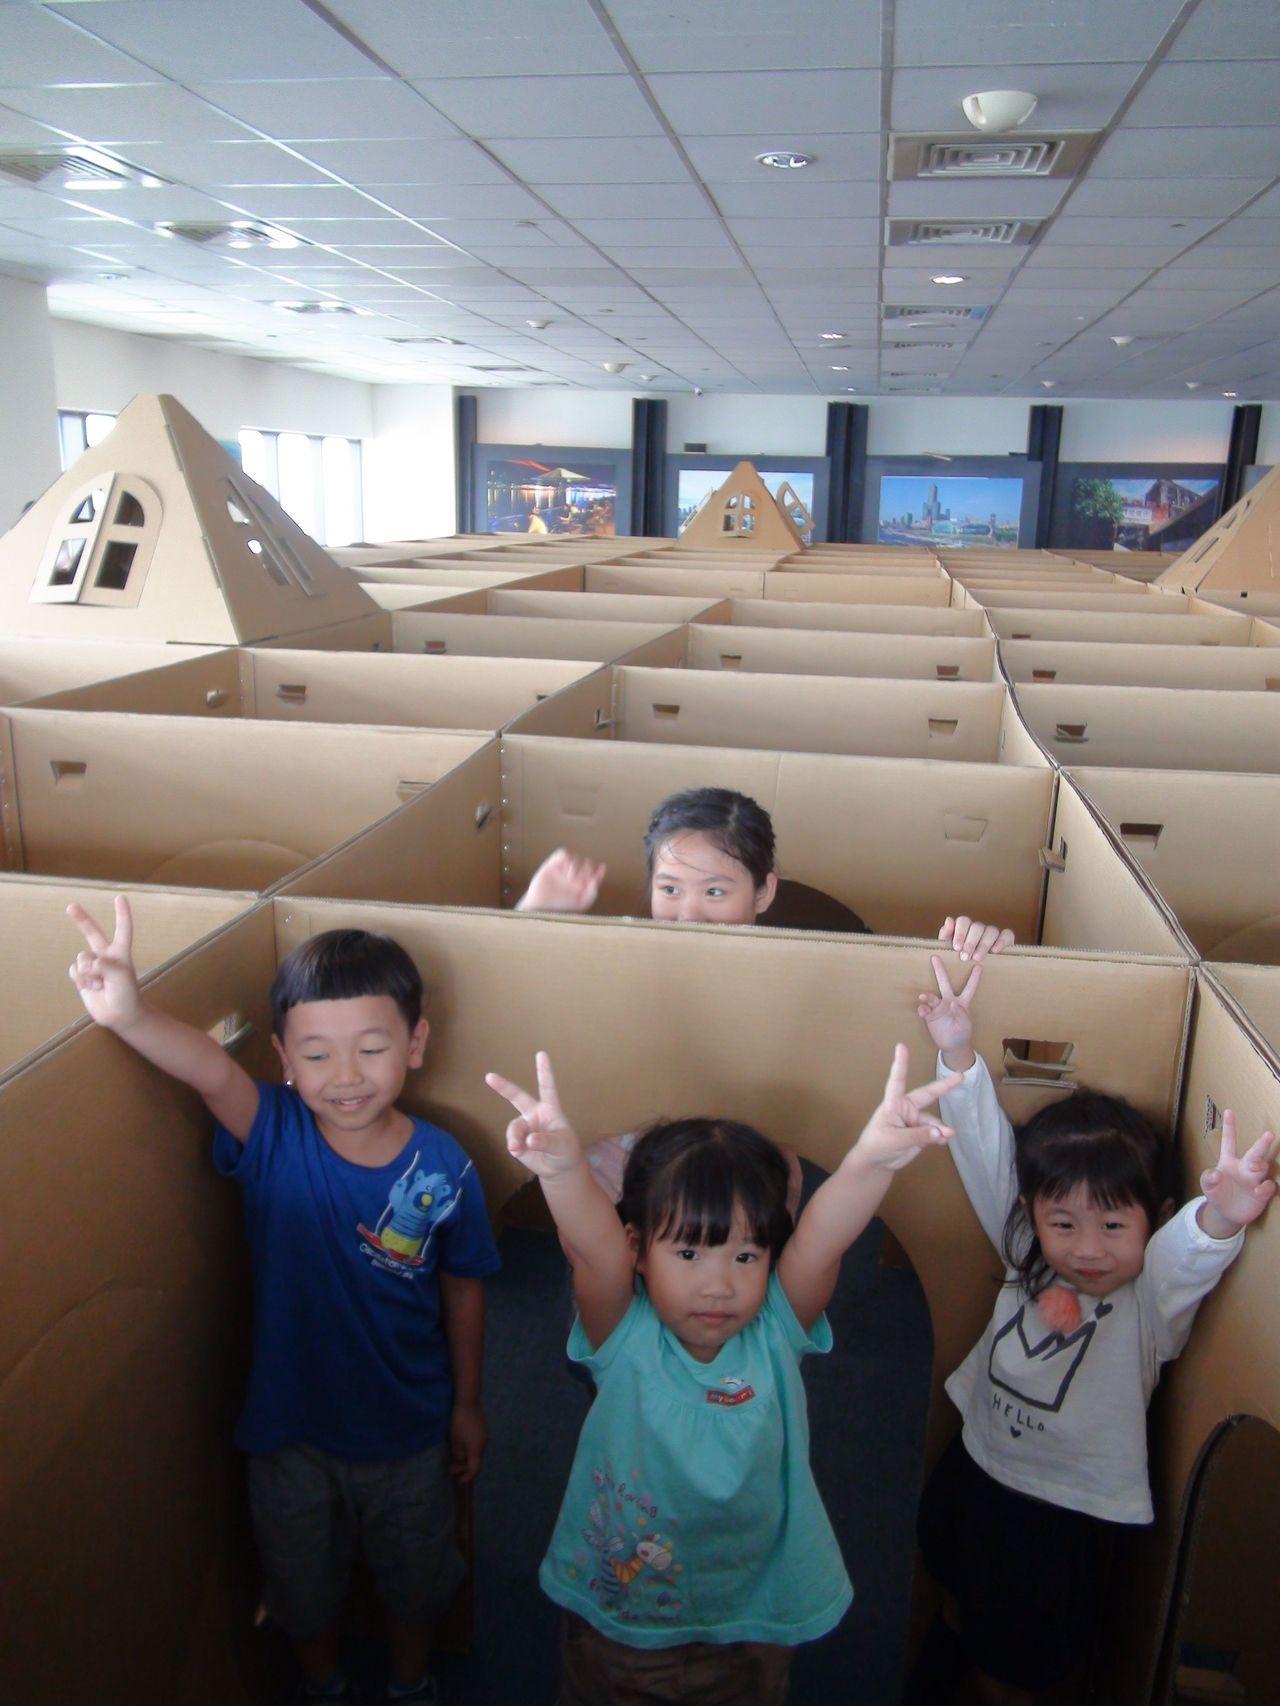 高雄85觀景台與知名的文創瓦楞紙童遊品牌,聯手打造全台唯一的高空景觀紙迷宮,讓小...